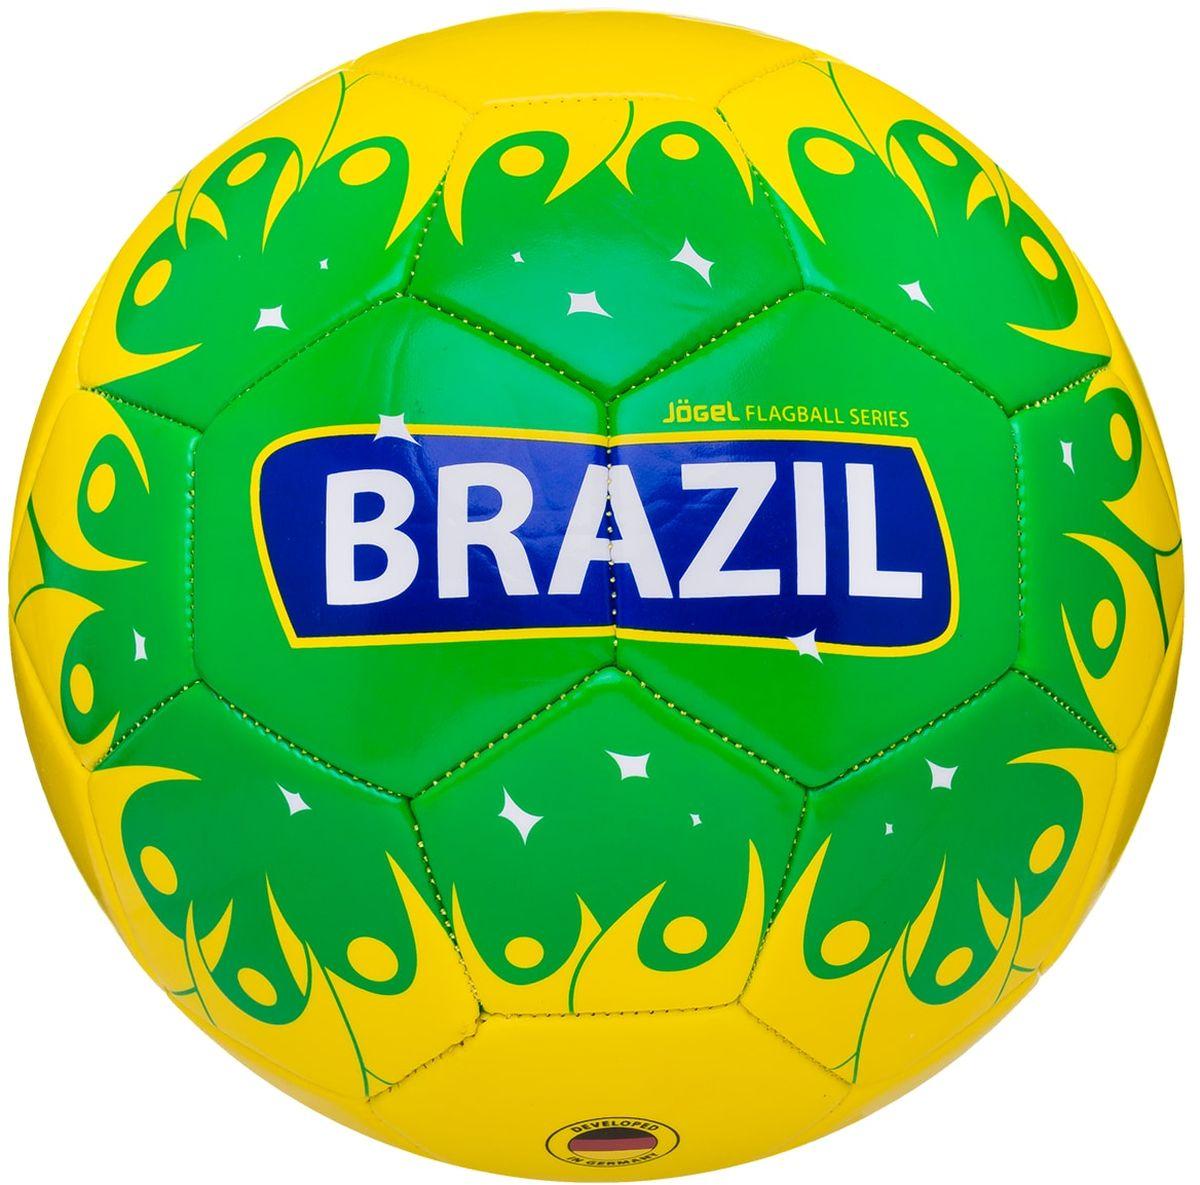 Мяч футбольный Jogel Brazil, цвет: желтый, зеленый. Размер 5УТ-00011394Категория: Мячи футбольныеУровень: ЛюбительскийJogel - это мячи из специальной коллекции, посвященной чемпионату мира по футболу 2018 года. В дизайне мячей данной линейки применяются цветовые решения флагов сильнейших сборных мира. Мячи придутся по душе всем любителям футбола и фанатам, которые захотят приобрести данные мячи в качестве сувенира. По своим характеристикам подходит как детям, так и взрослым. Поверхность мяча выполнена из синтетической кожи (поливинилхлорид) толщиной 2,7 мм. Мячи имеют 2 подкладочных слоя и оснащены бутиловой камерой, обеспечивающей долгое сохранение воздуха в камере. Данные мячи рекомендованы для любительской игры и тренировок любительских команд.Рекомендованные покрытия: натуральный газон, синтетическая трава, резина, гаревые поля, паркетМатериал камеры: БутилТип соединения панелей: Машинная сшивкаКоличество панелей: 32Длина окружности: №5 - 68-70 смВес: 410-450 грРекомендованное давление: 0.4-0.6 барПроизводство: КНР